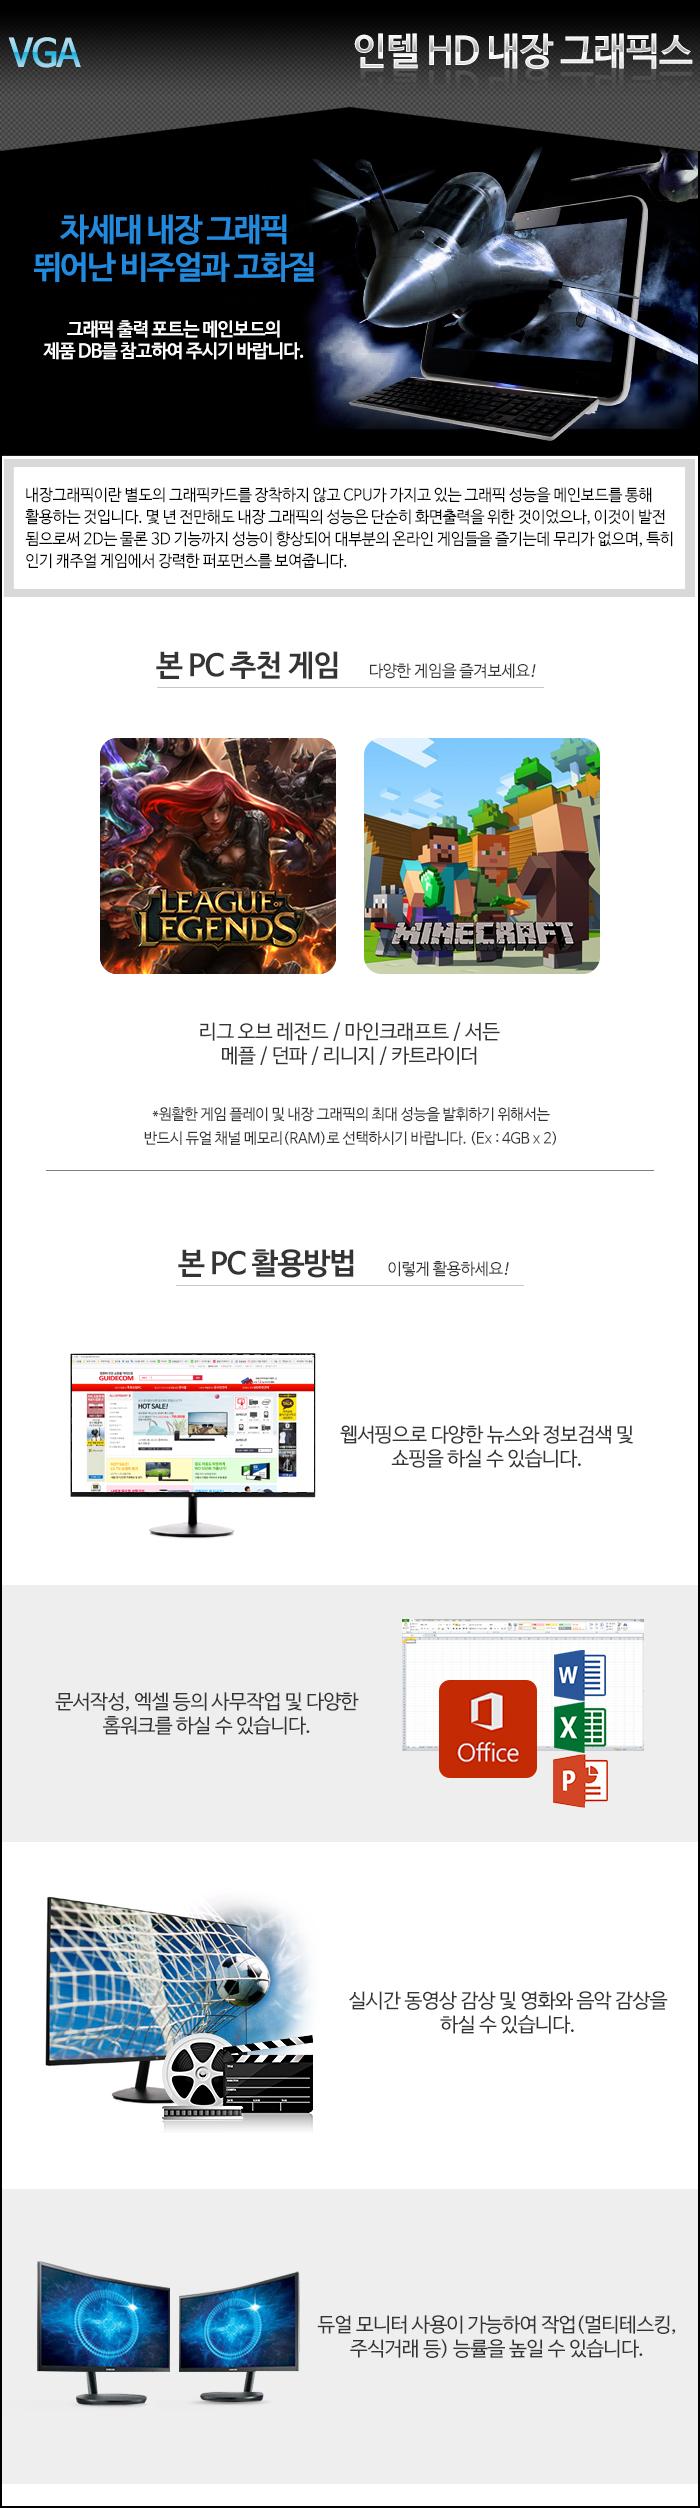 [인텔] HD Graphics 내장그래픽